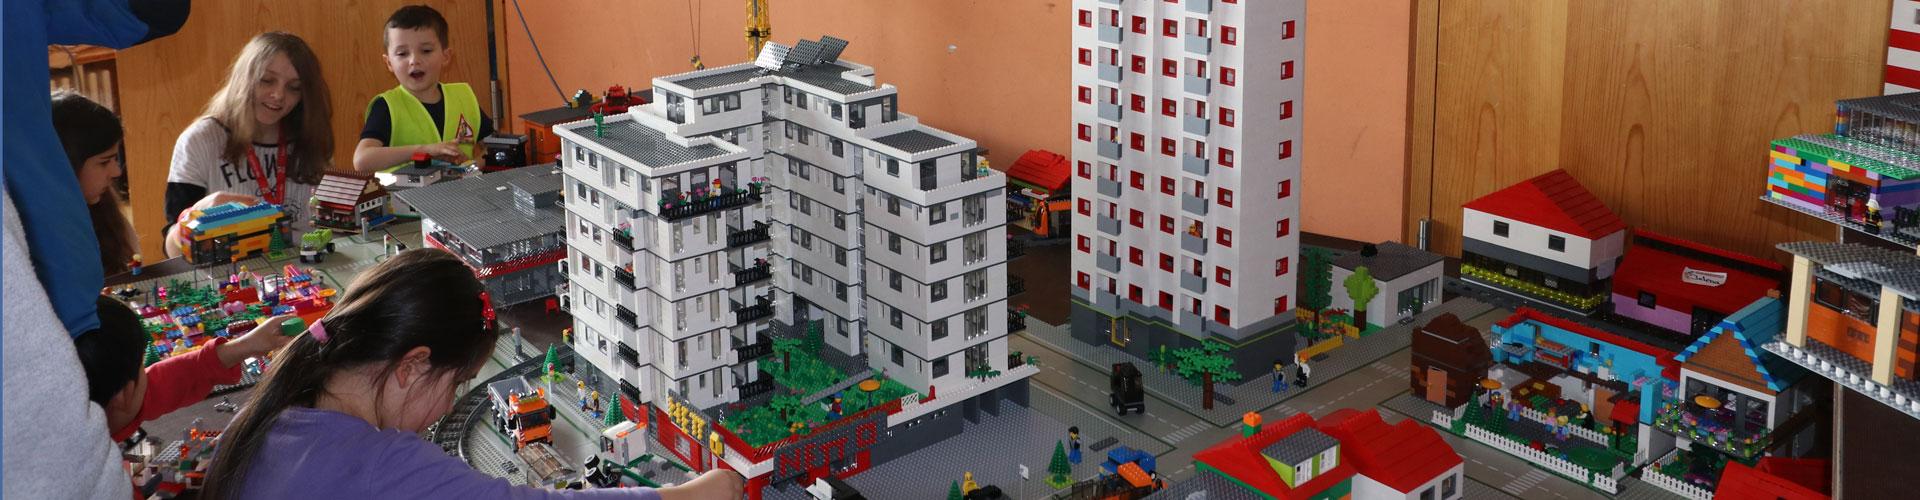 LEGO®-Verleih: Wenn DU ein großes LEGO-Projekt mit vielen anderen Kindern und Jugendlichen machen willst - hier kannst Du LEGO ausleihen!